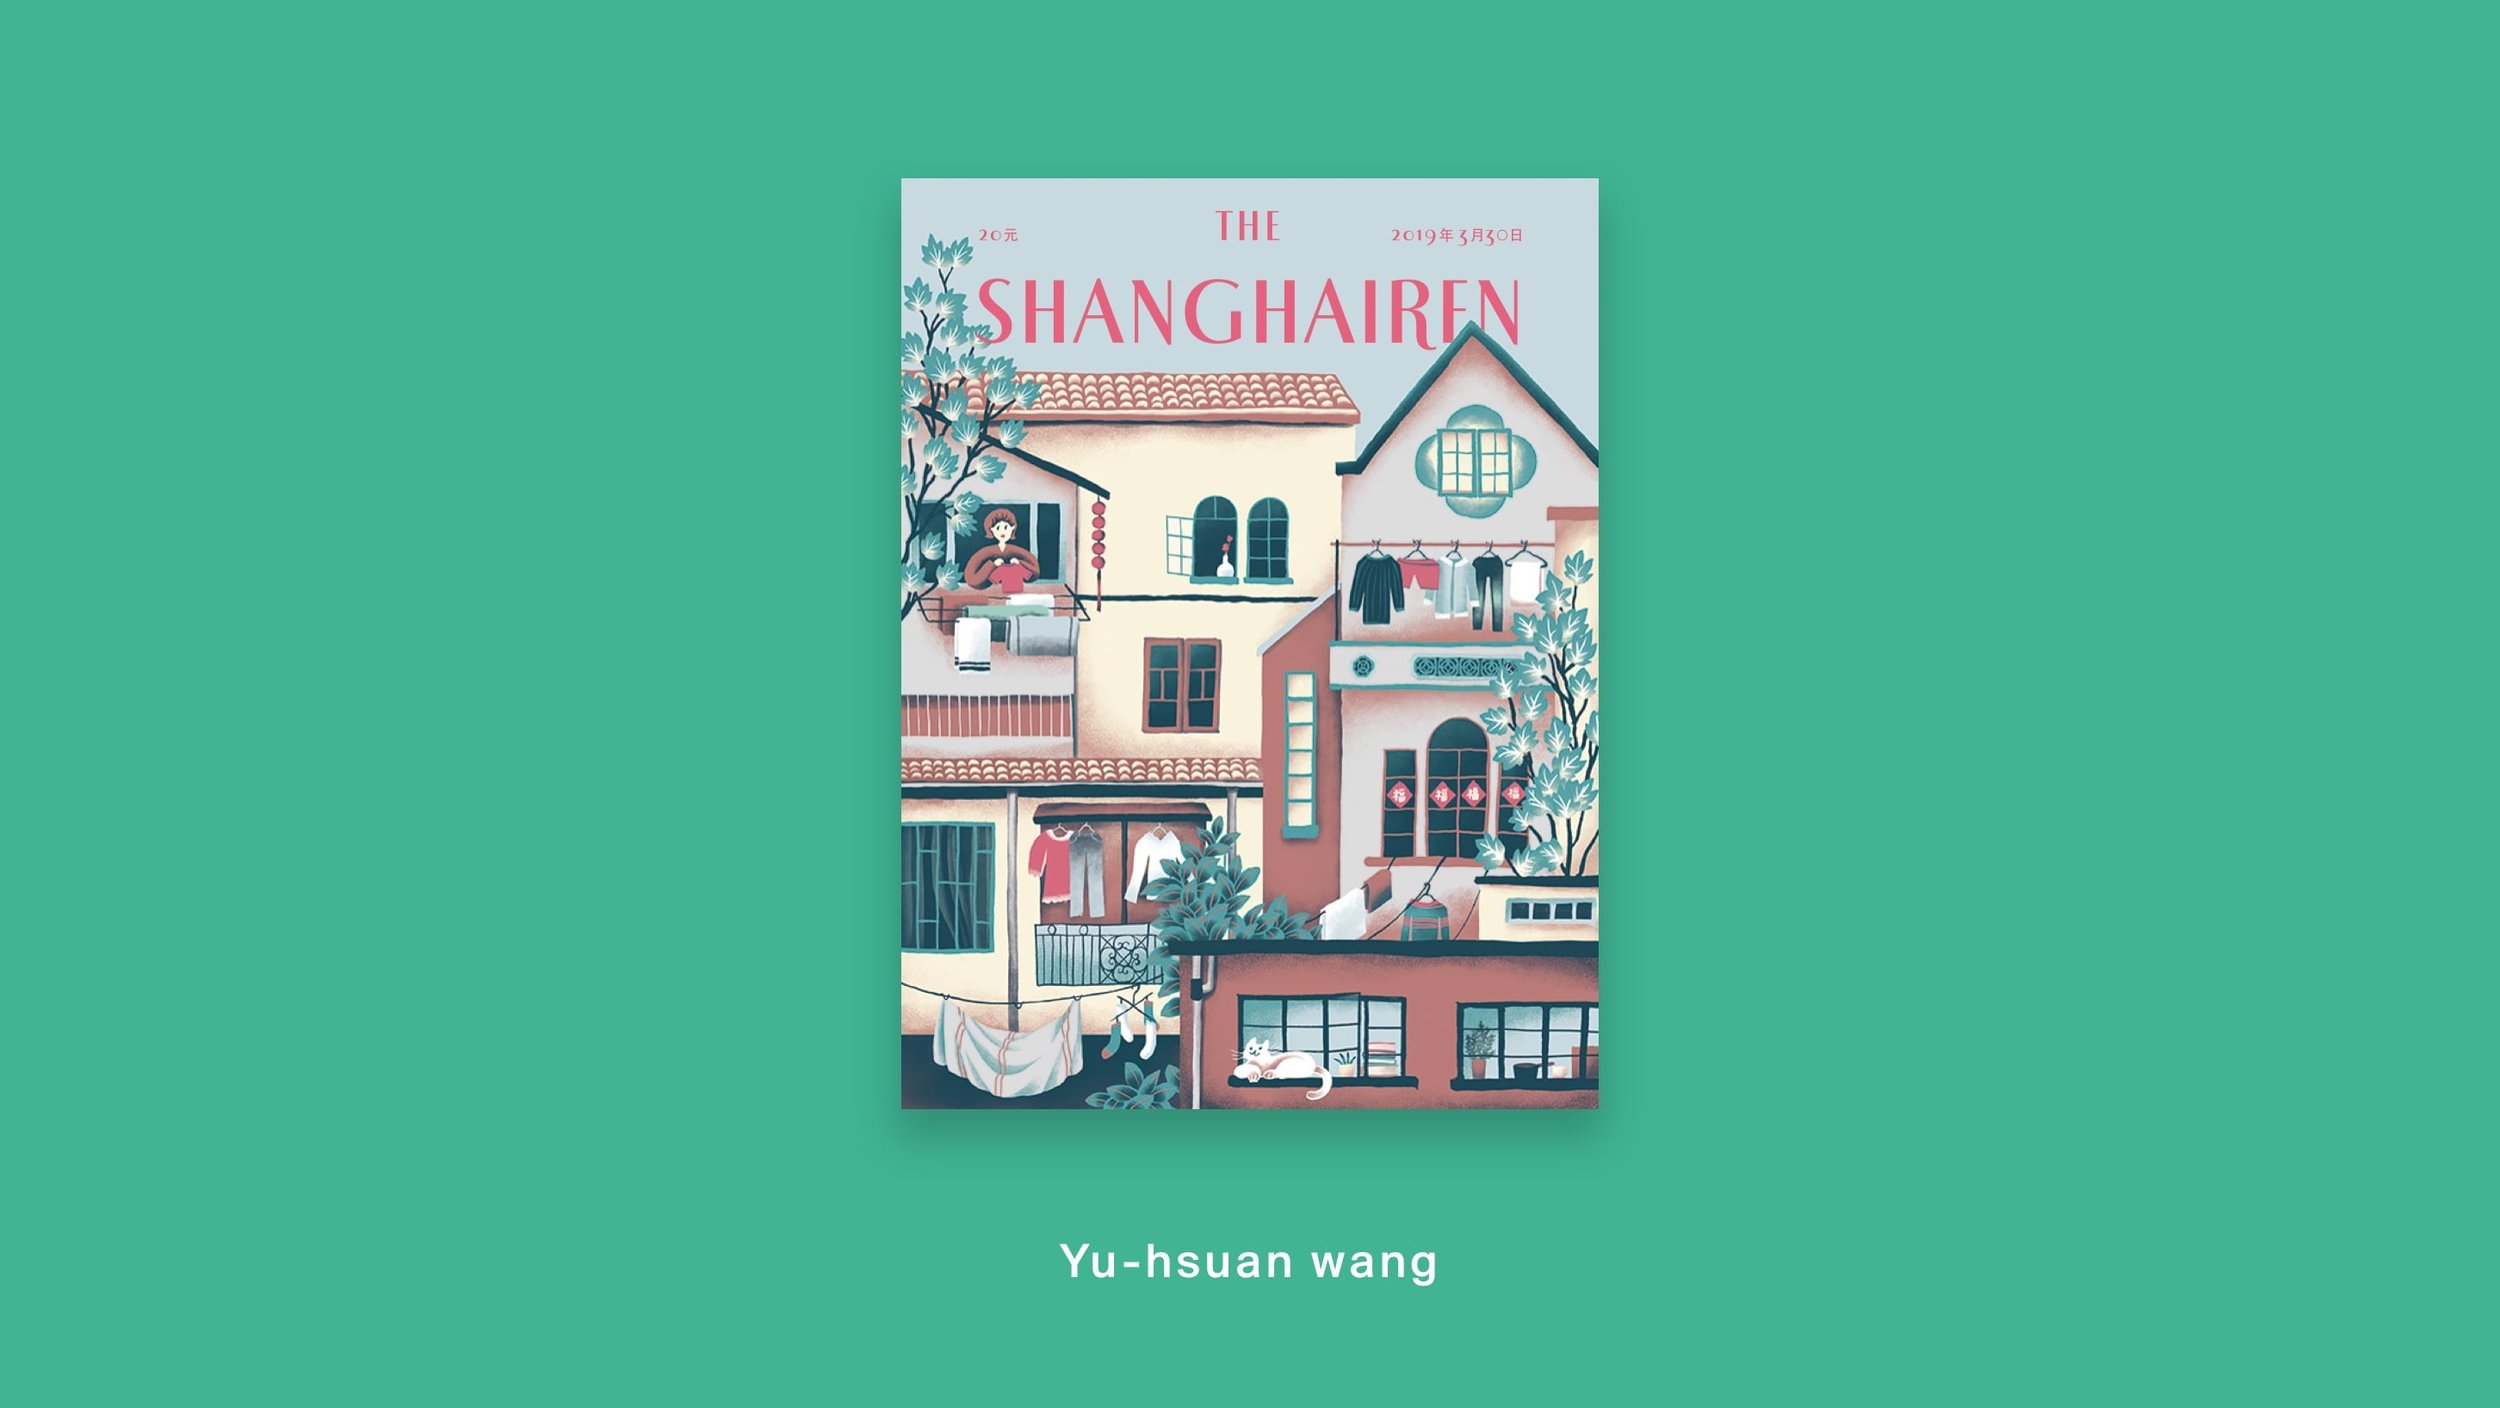 © Yu-hsuan wang